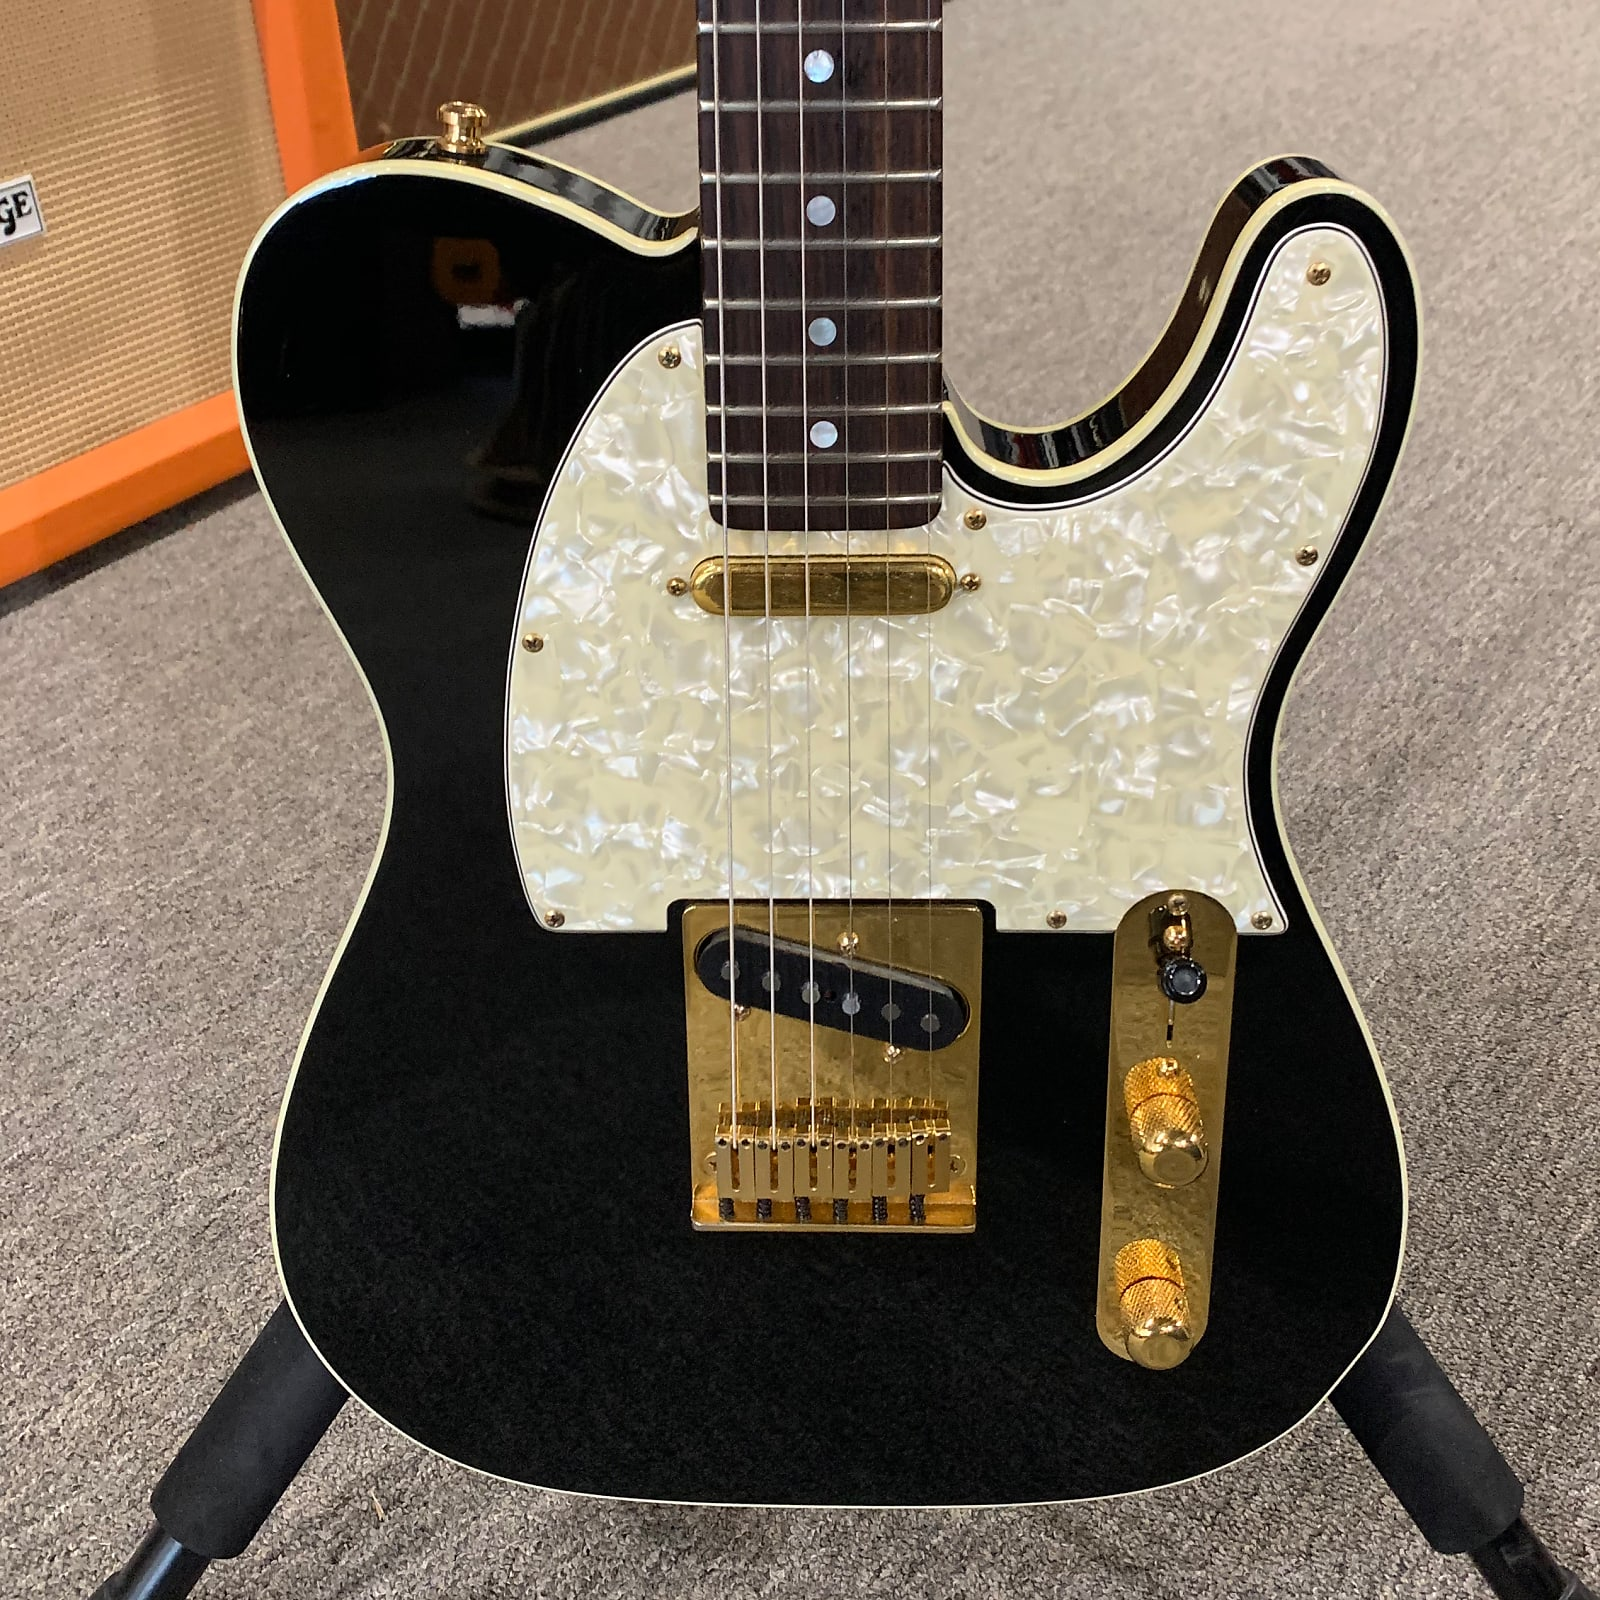 """1996 Fender Custom Shop Telecaster Bound """"Tuxedo Tele"""" - Black & white"""